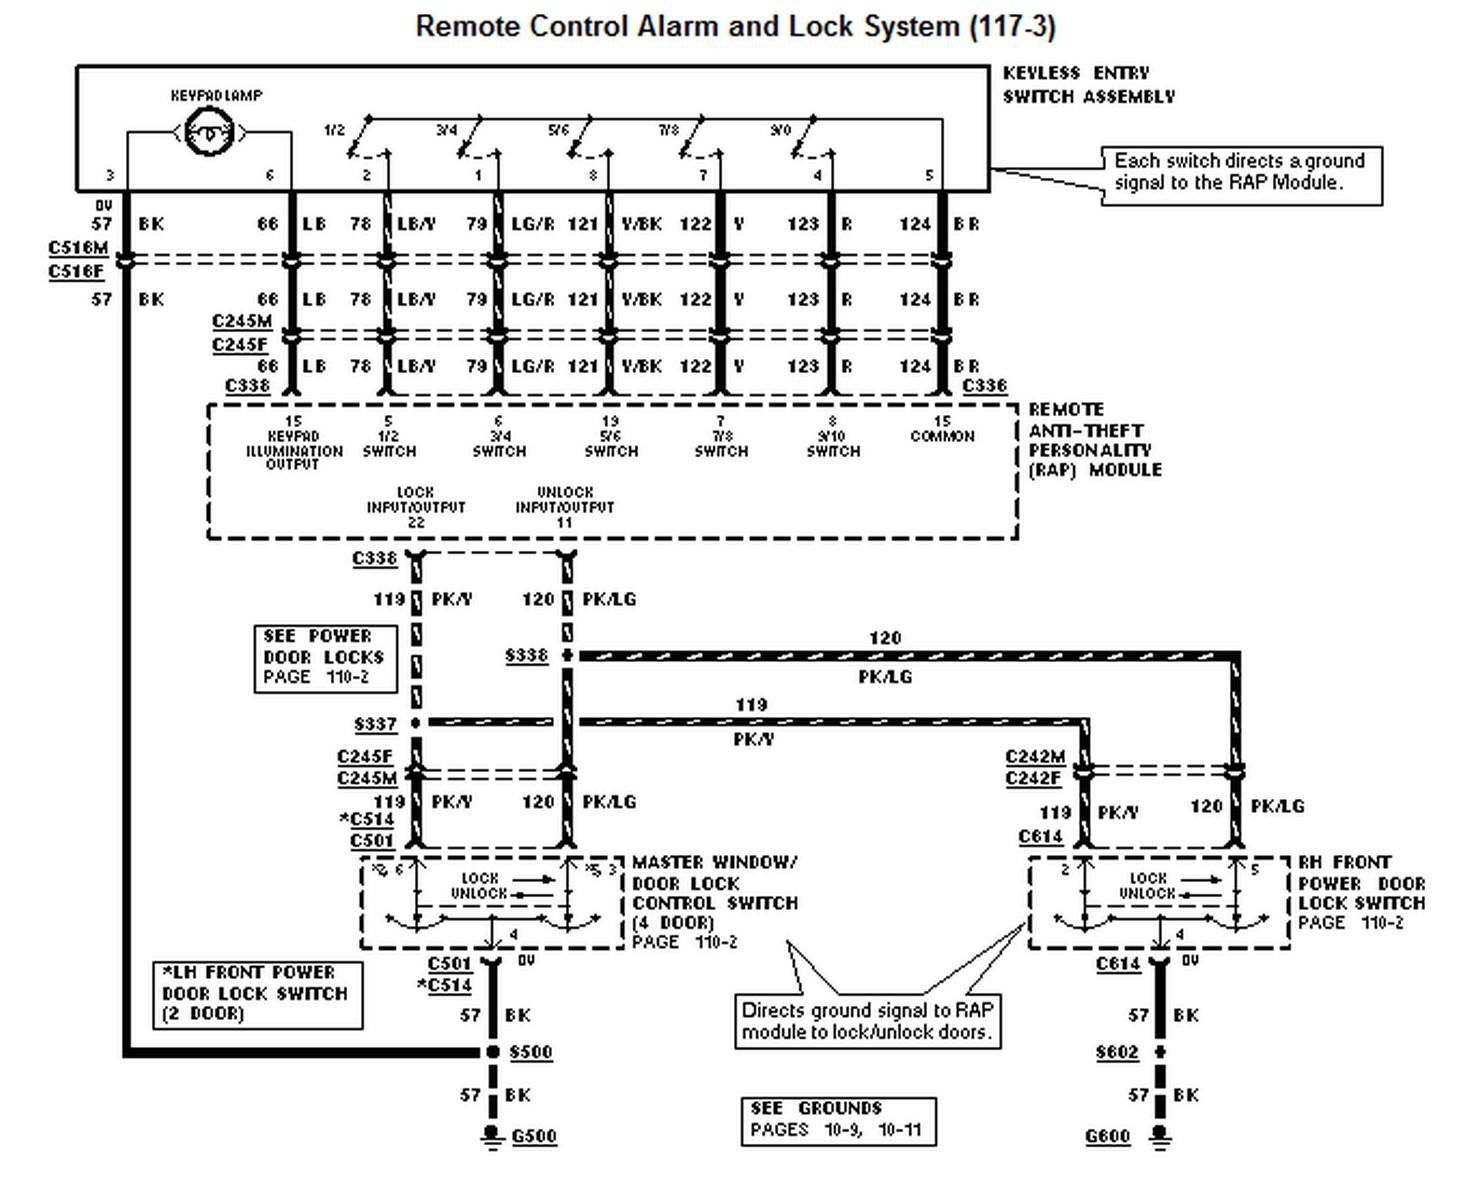 2010 4.6 F150 Wiring Diagram 2010 ford F150 Radio Wiring Diagram Wiring Diagram Sample Of 2010 4.6 F150 Wiring Diagram